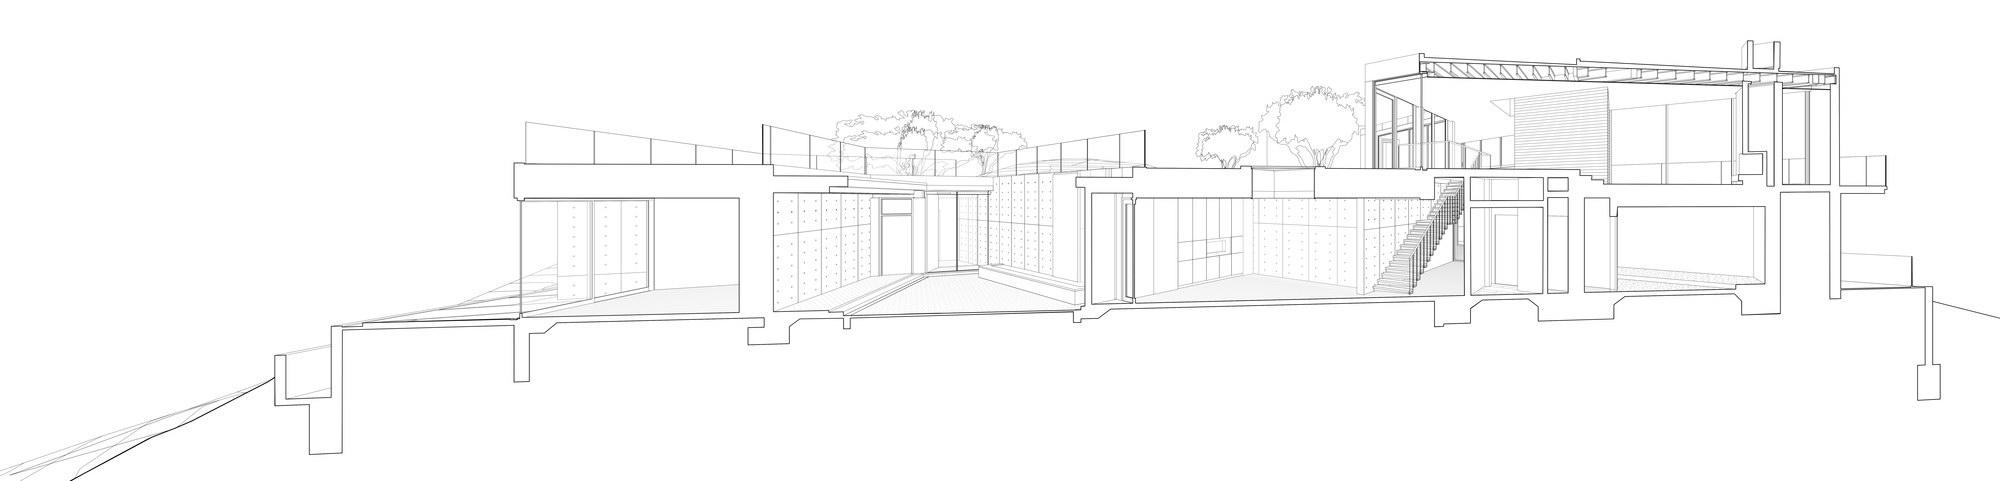 Oak Pass Main House by Walker Workshop